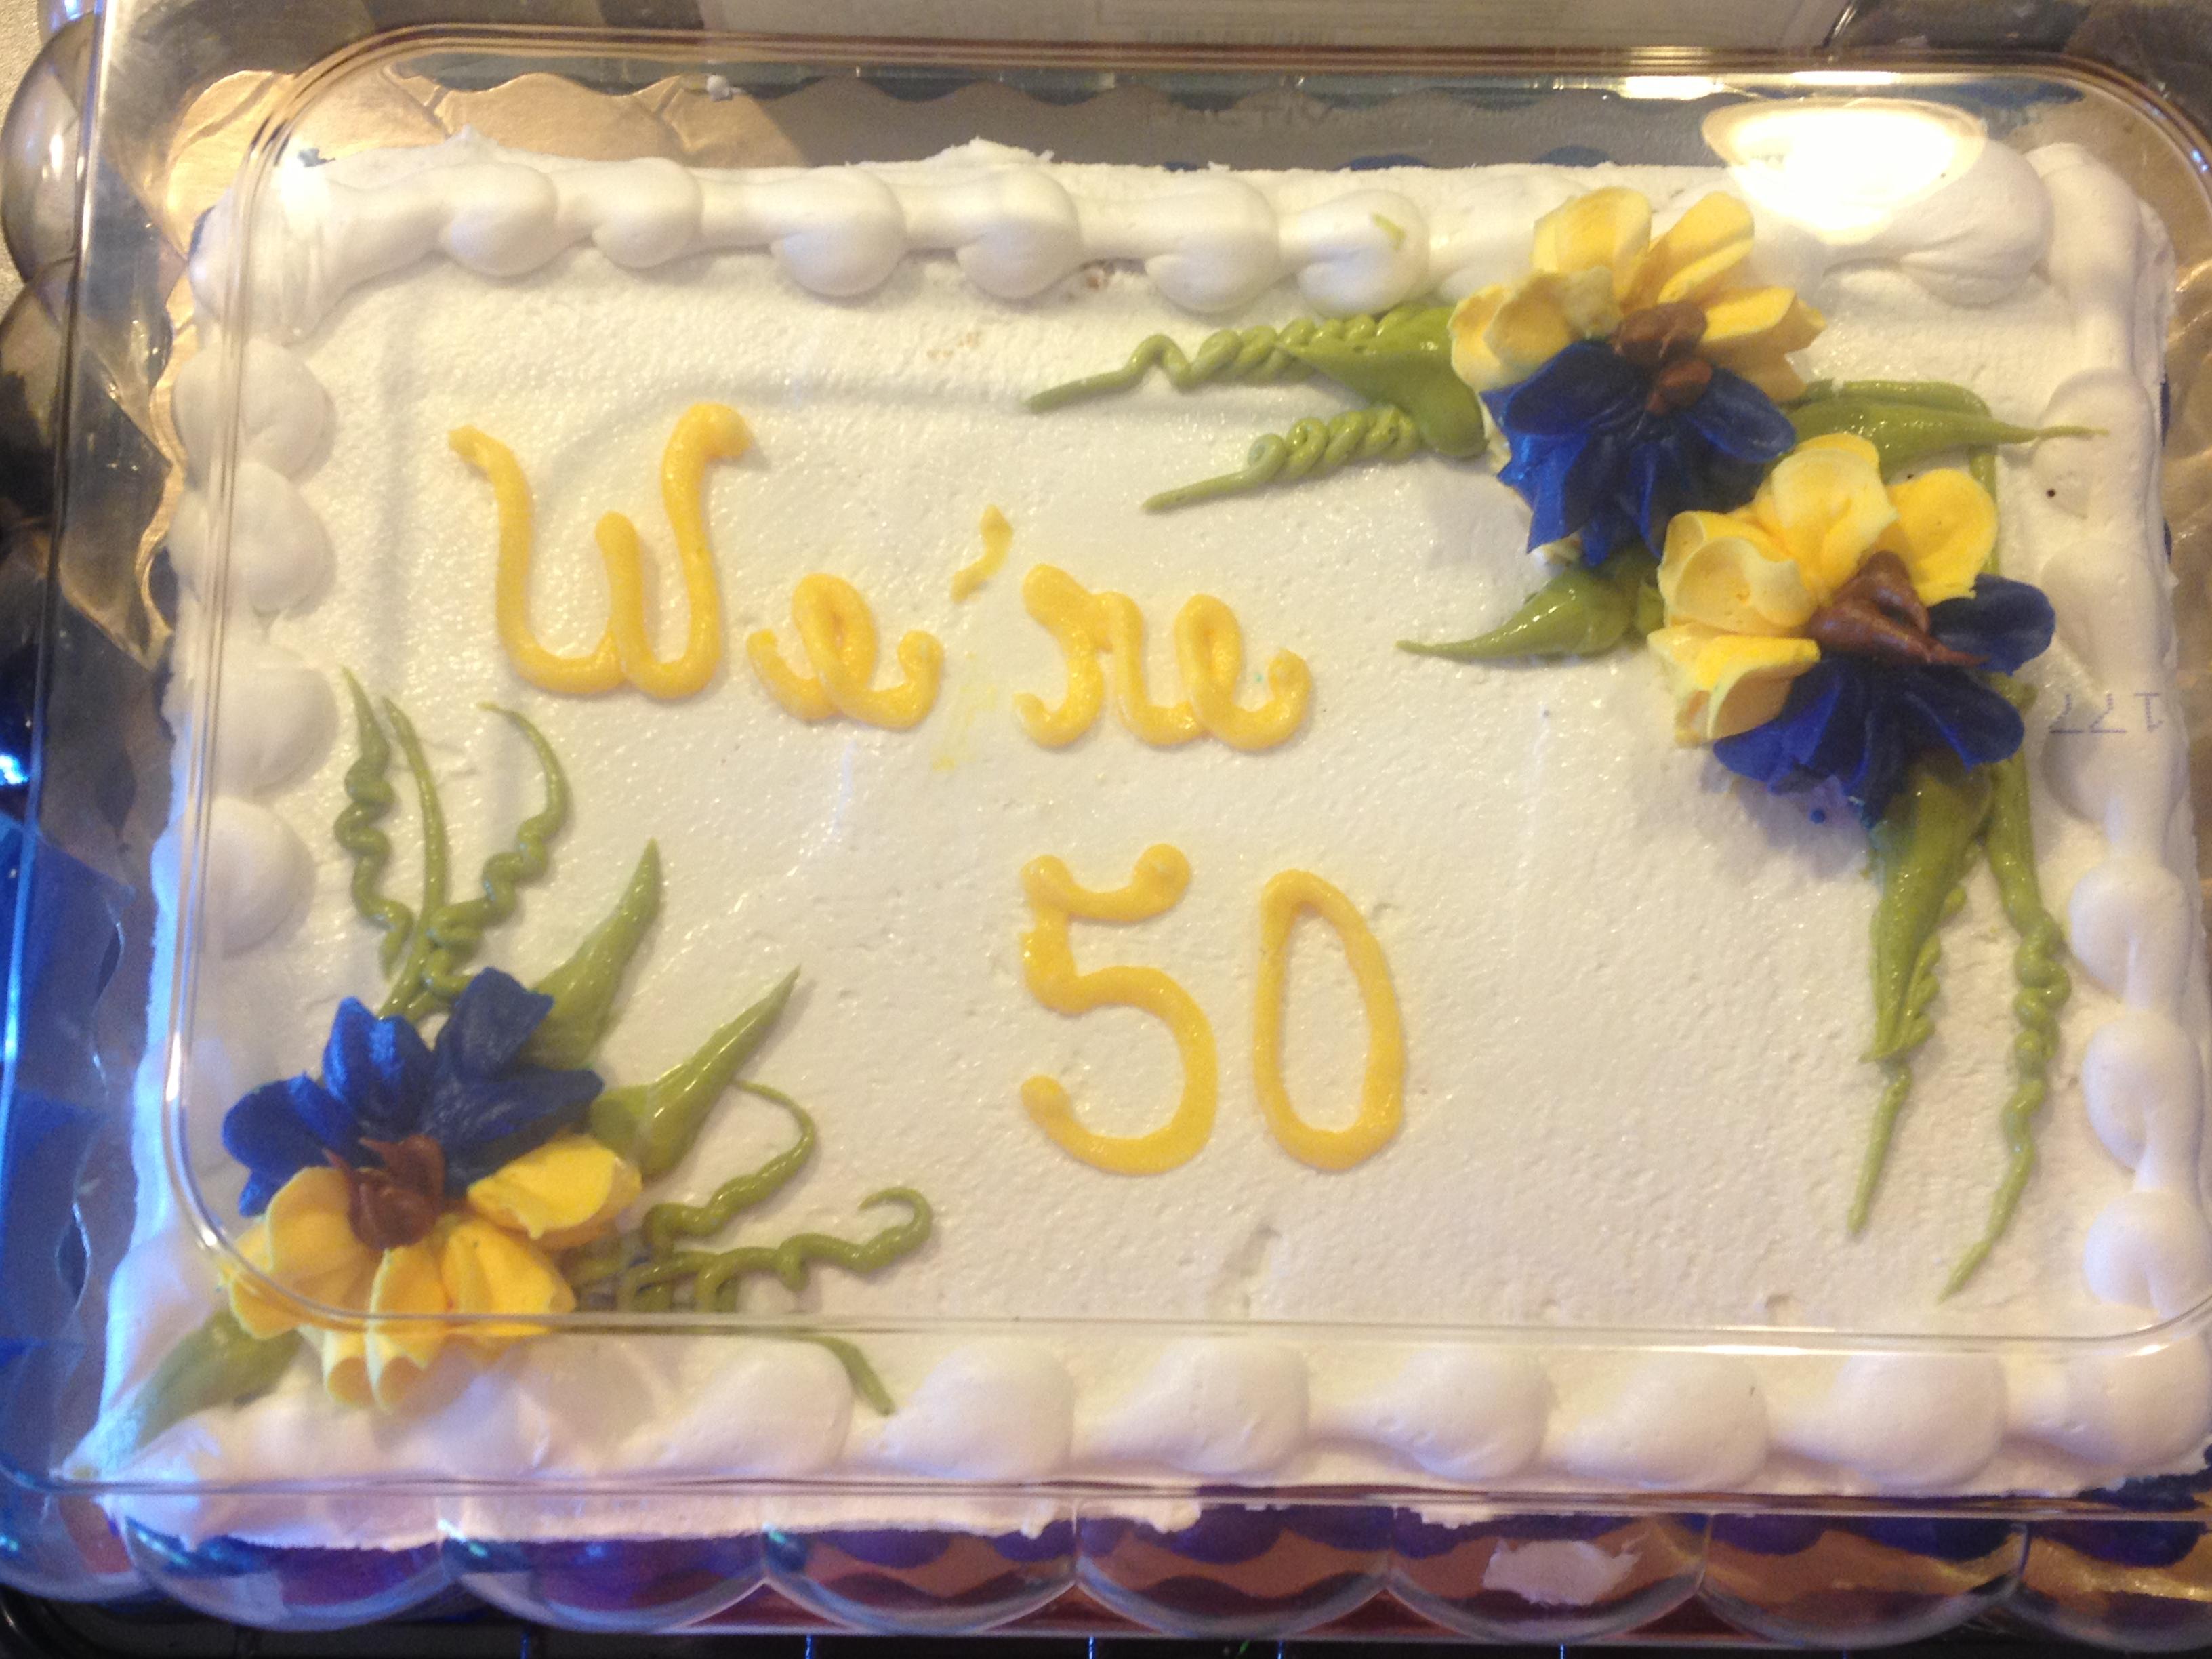 50th birthday celebration | funnysister